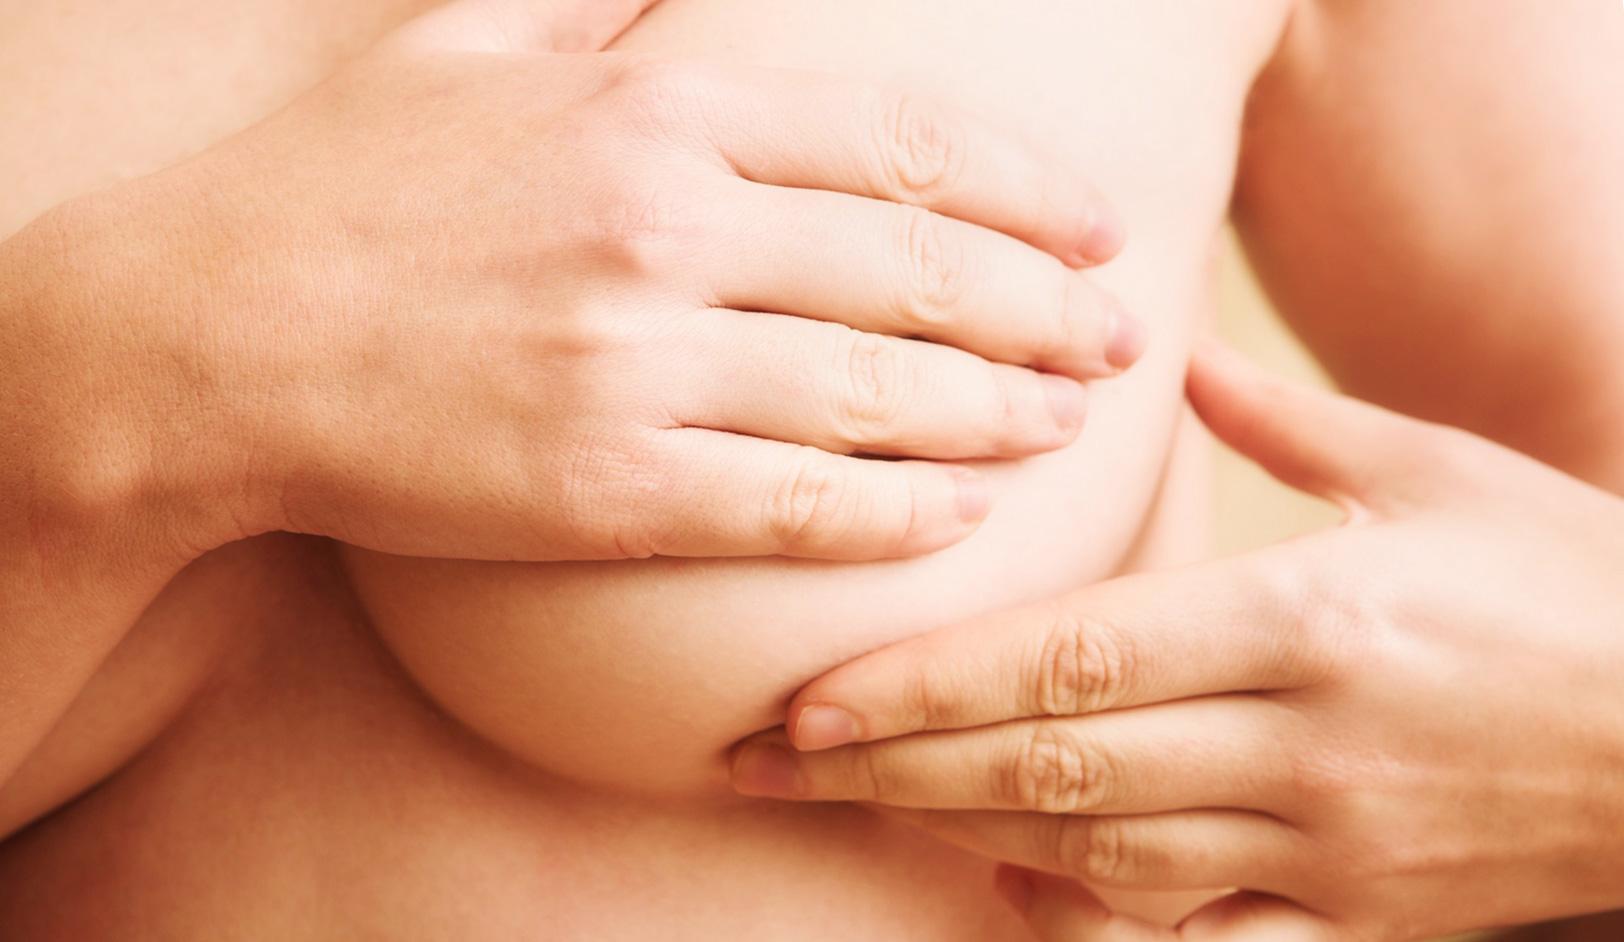 трещины сосков, лечение, профилактика, как лечить трещины сосков